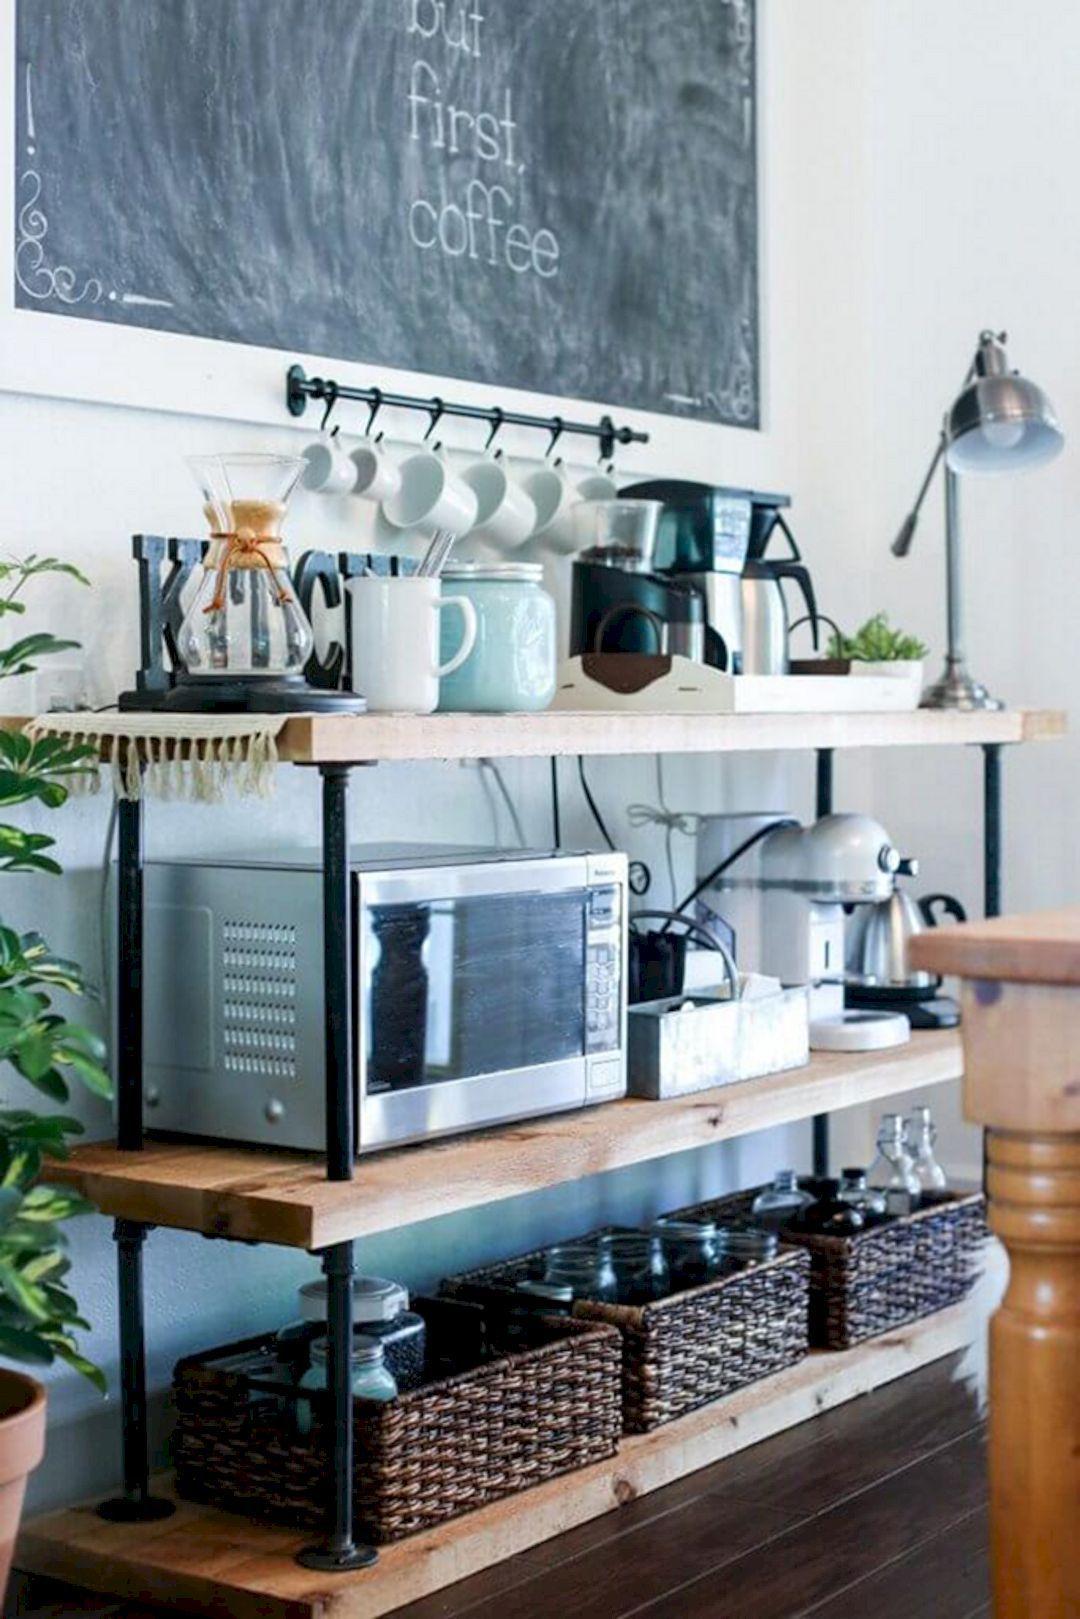 Most Brilliant Kitchen Storage Idea 64   Storage ideas, Storage and ...